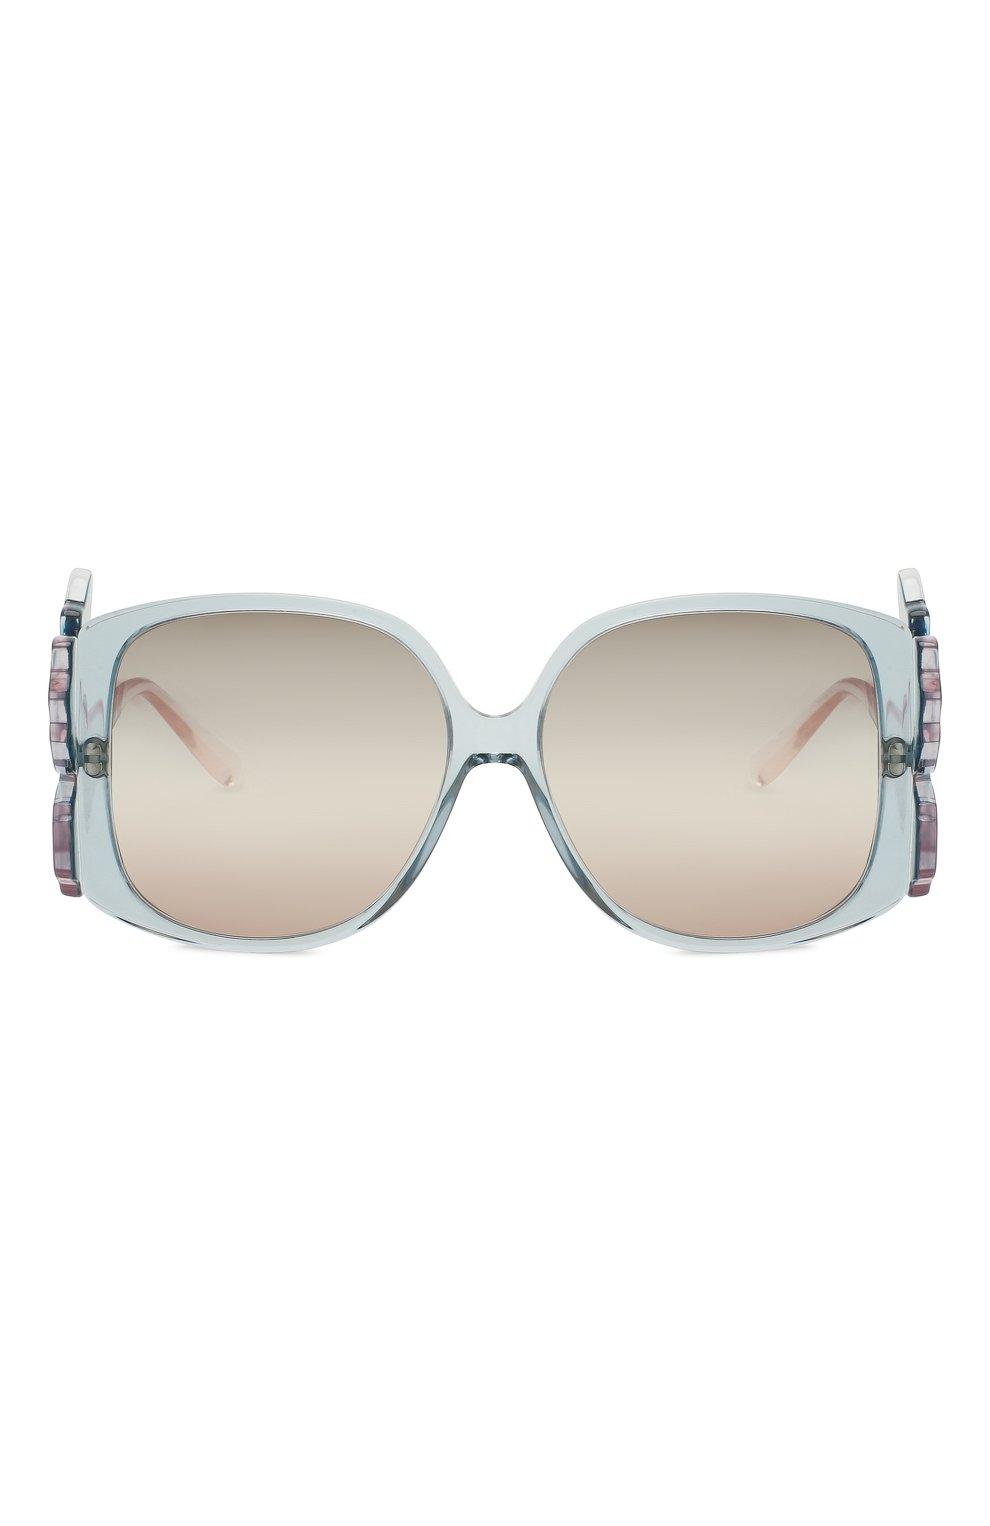 Женские солнцезащитные очки GIORGIO ARMANI голубого цвета, арт. 8137-5855K7 | Фото 3